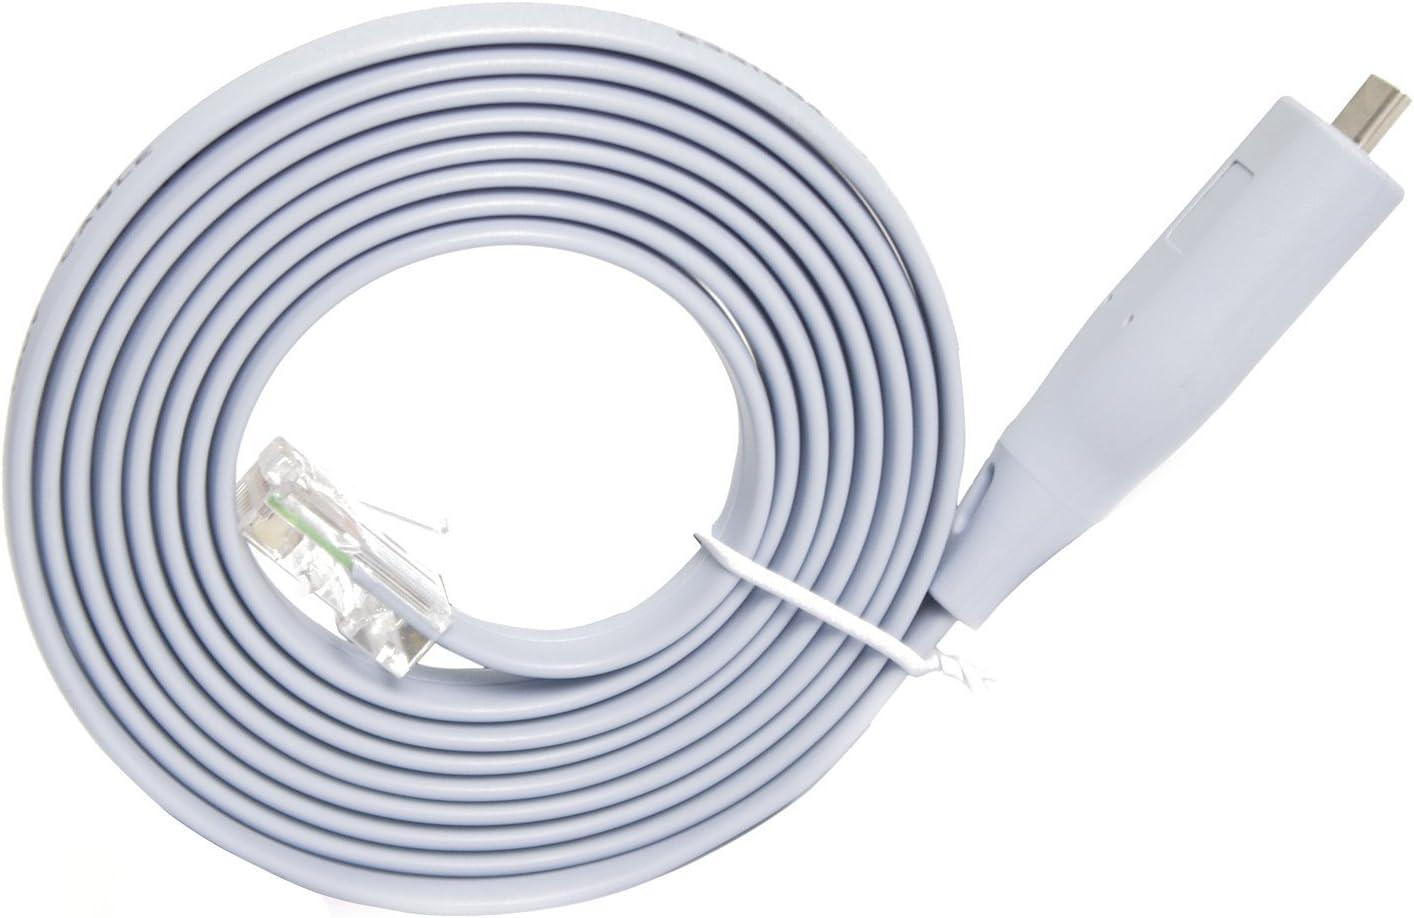 25 ft Blue SoDo Tek TM RJ45 Cat5e Ethernet Patch Cable For HP Pavilion dm1-1118tu Entertainment Notebook PC